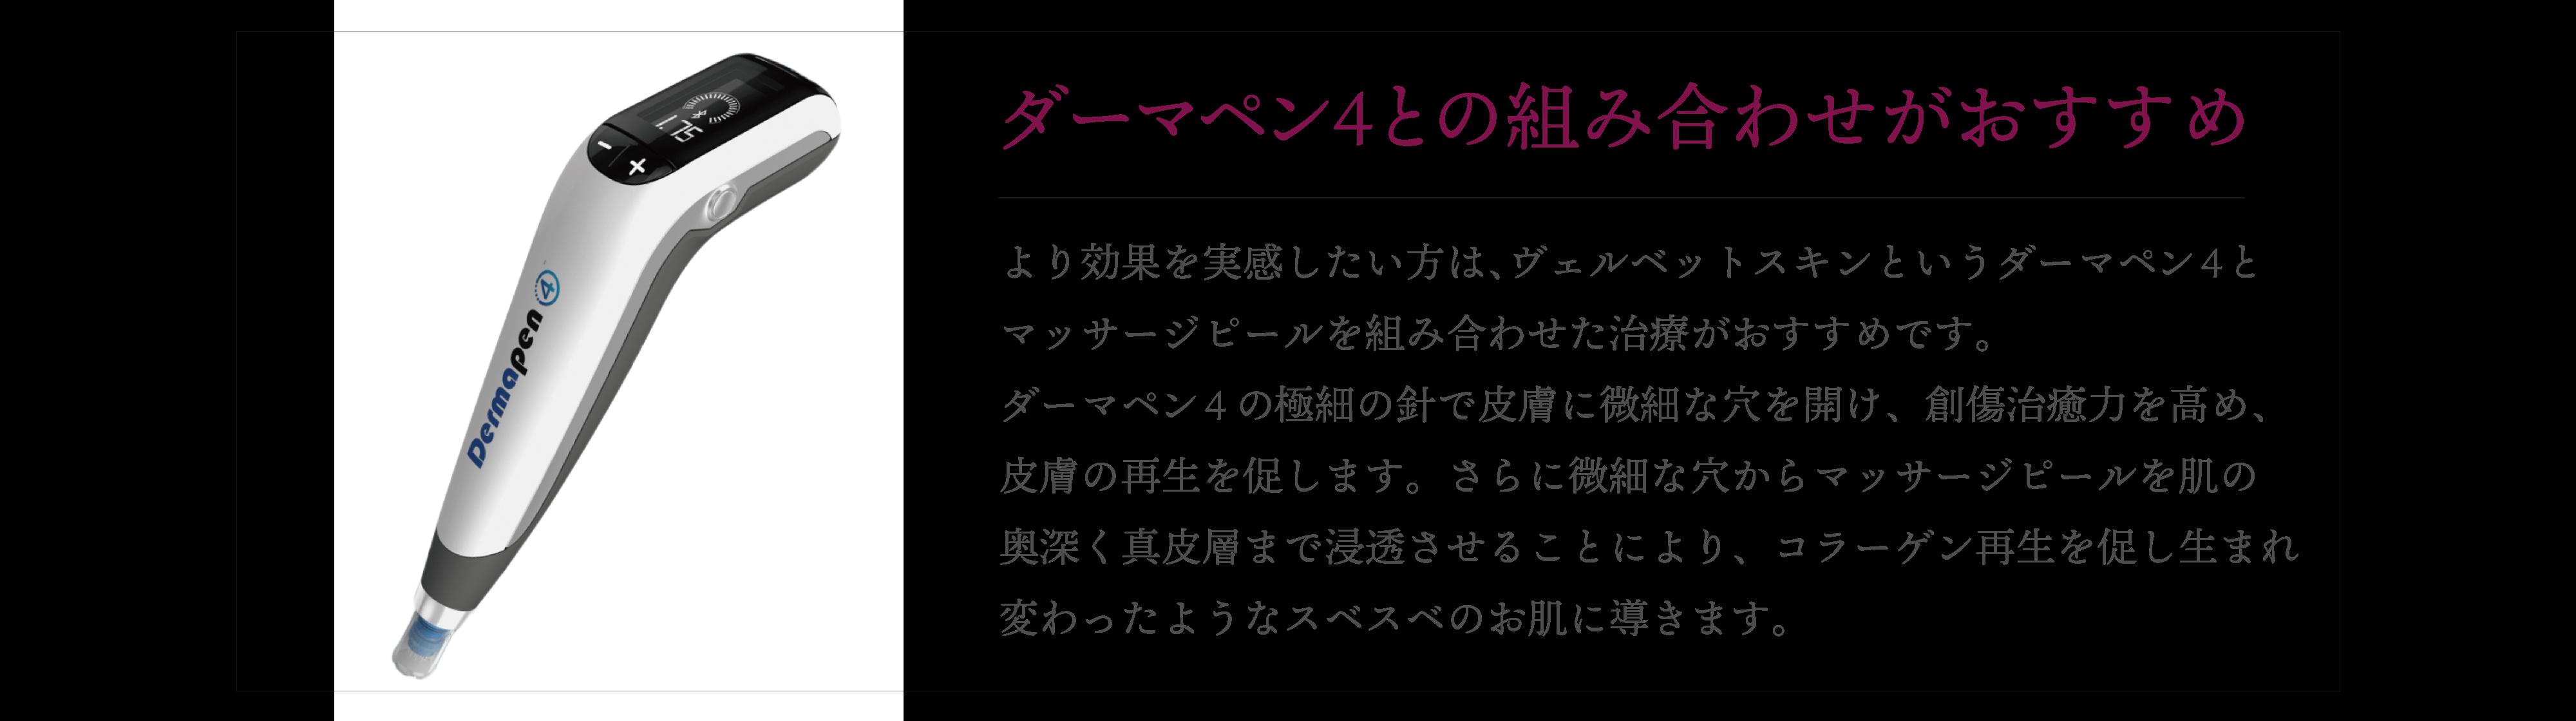 マッサージピール6